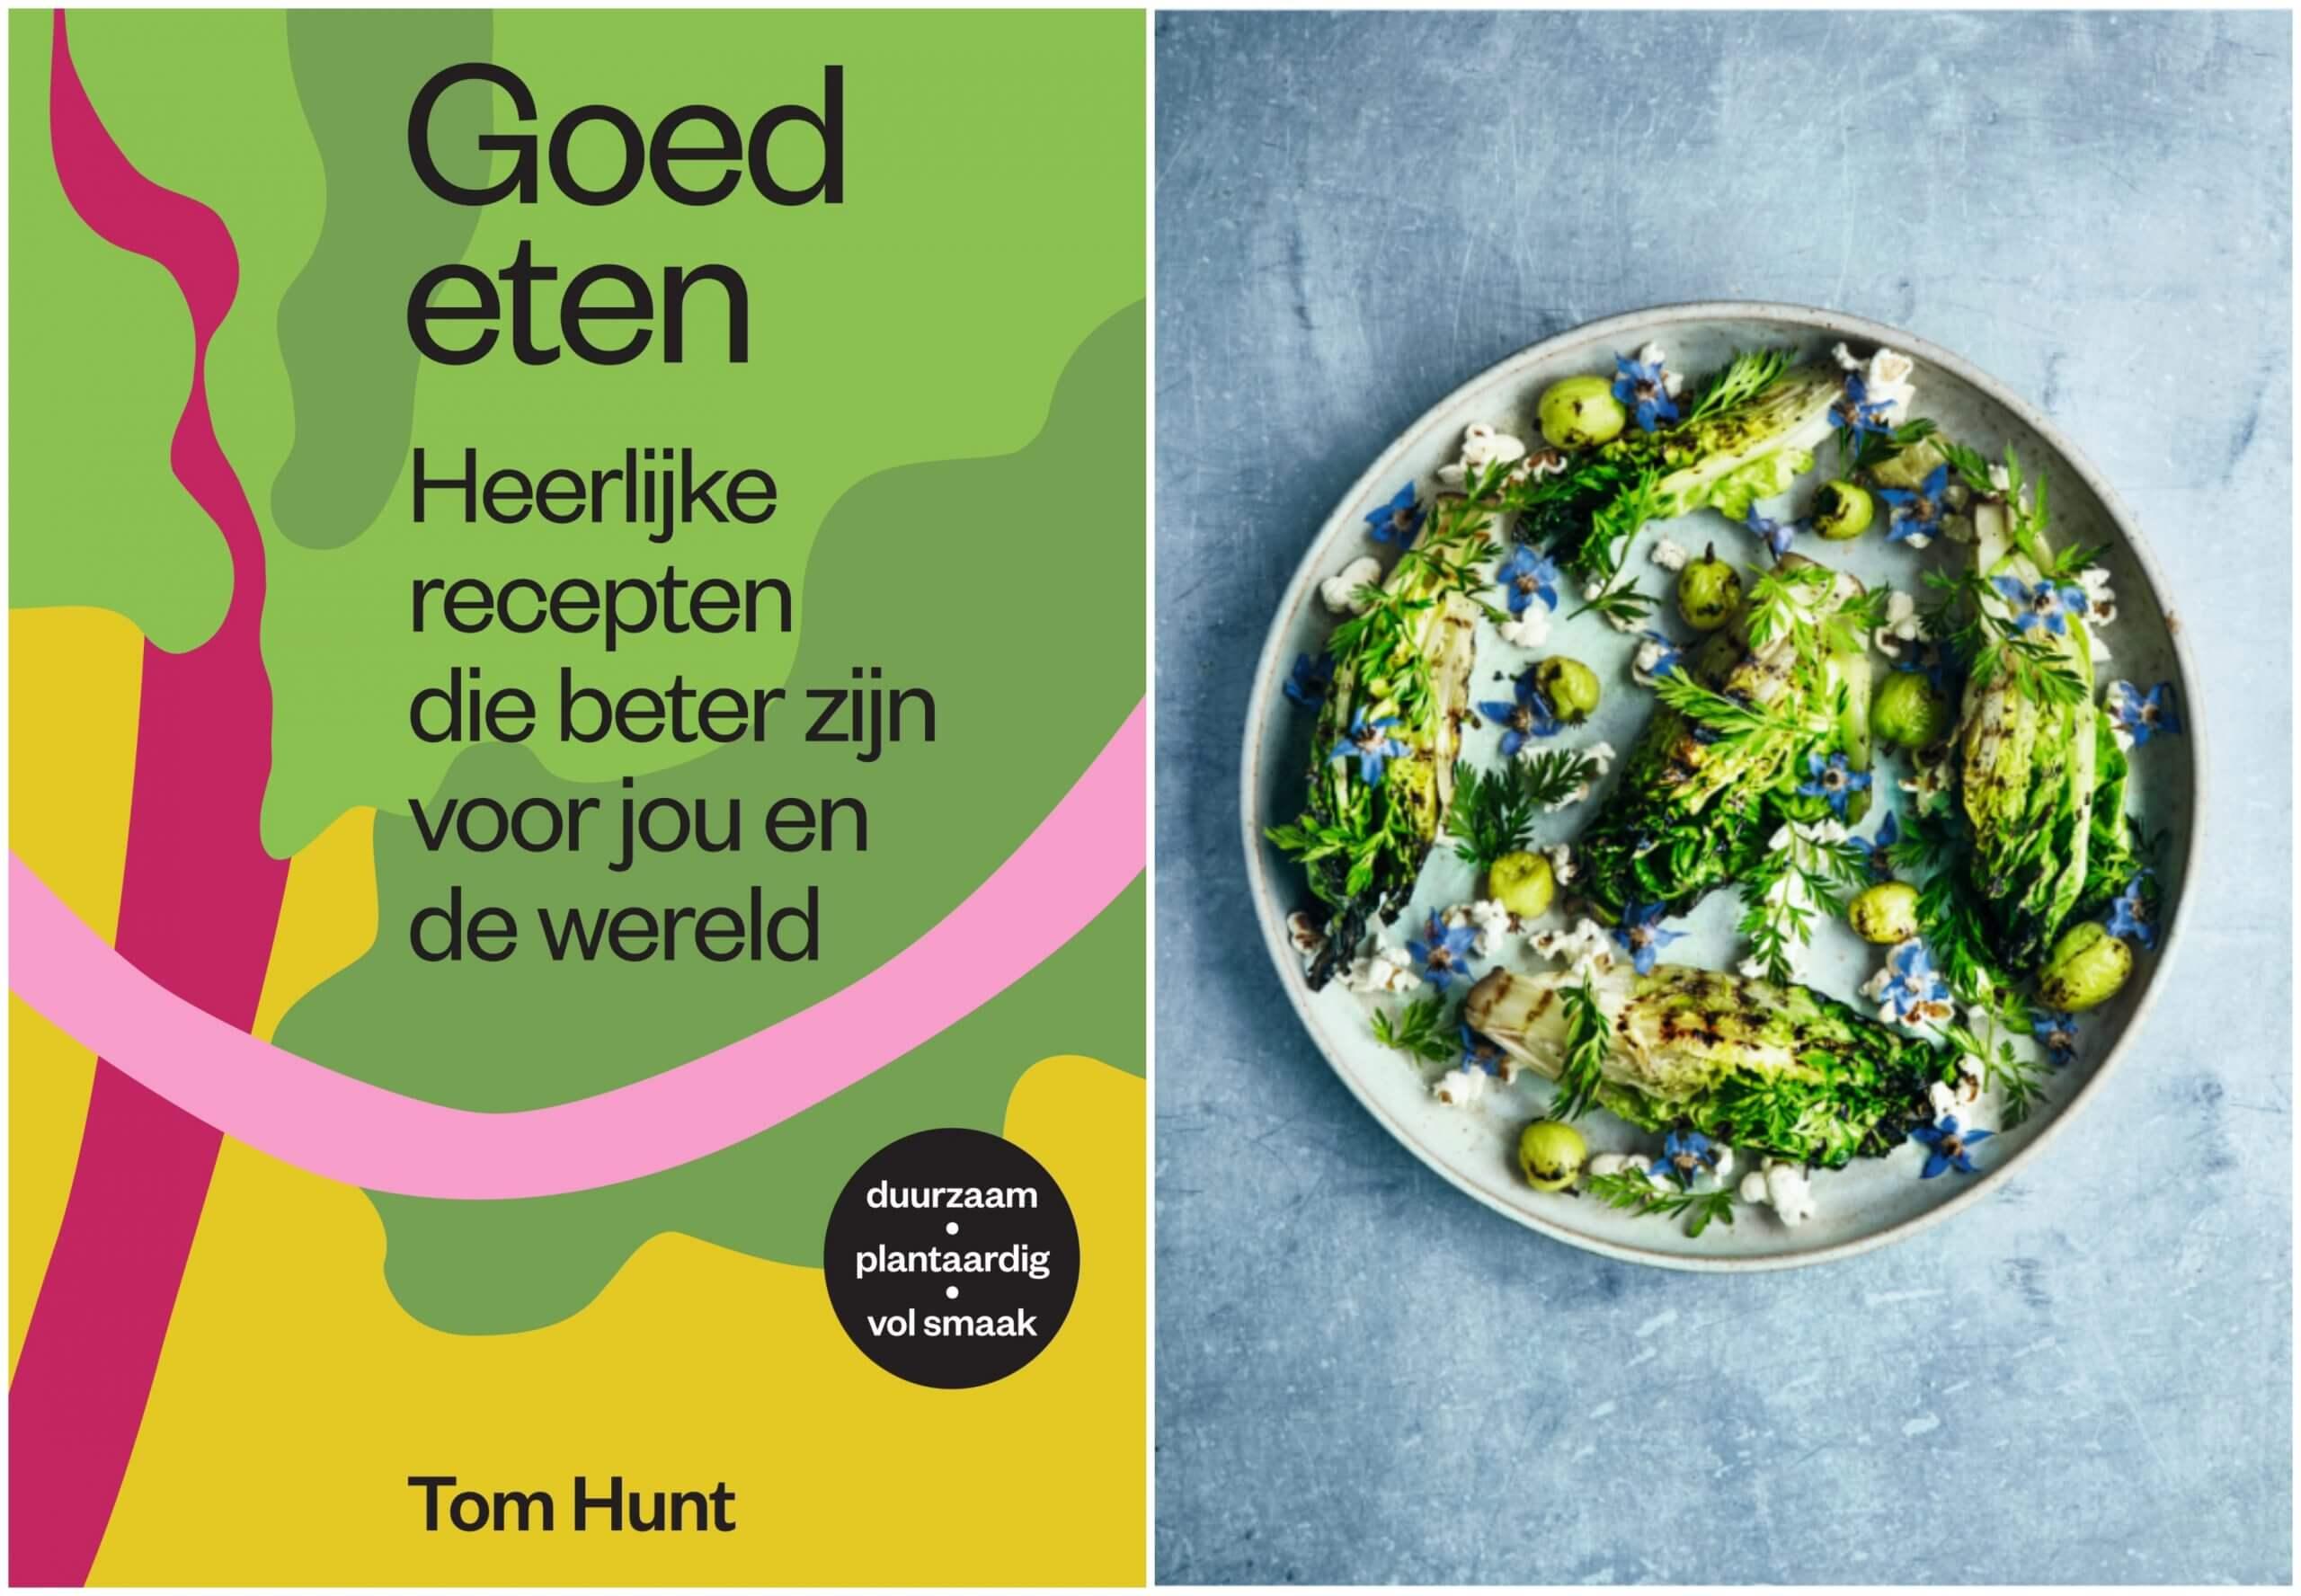 Review: Goed eten van Tom Hunt